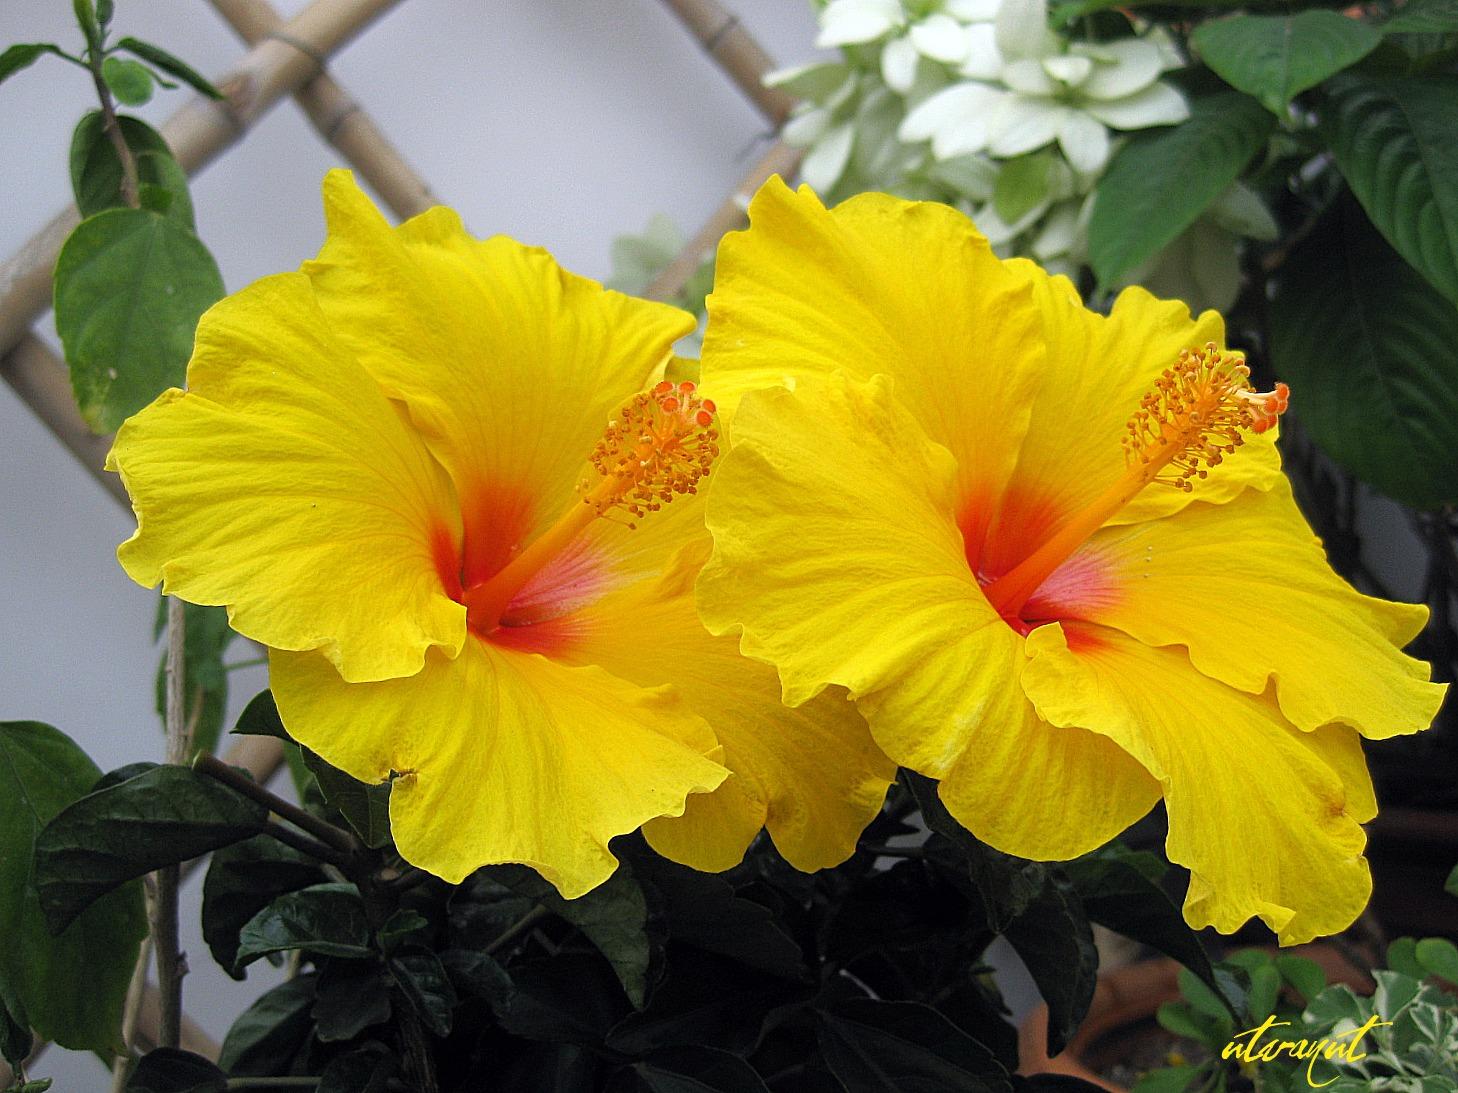 Ảnh hoa dâm bụt vàng rực rỡ